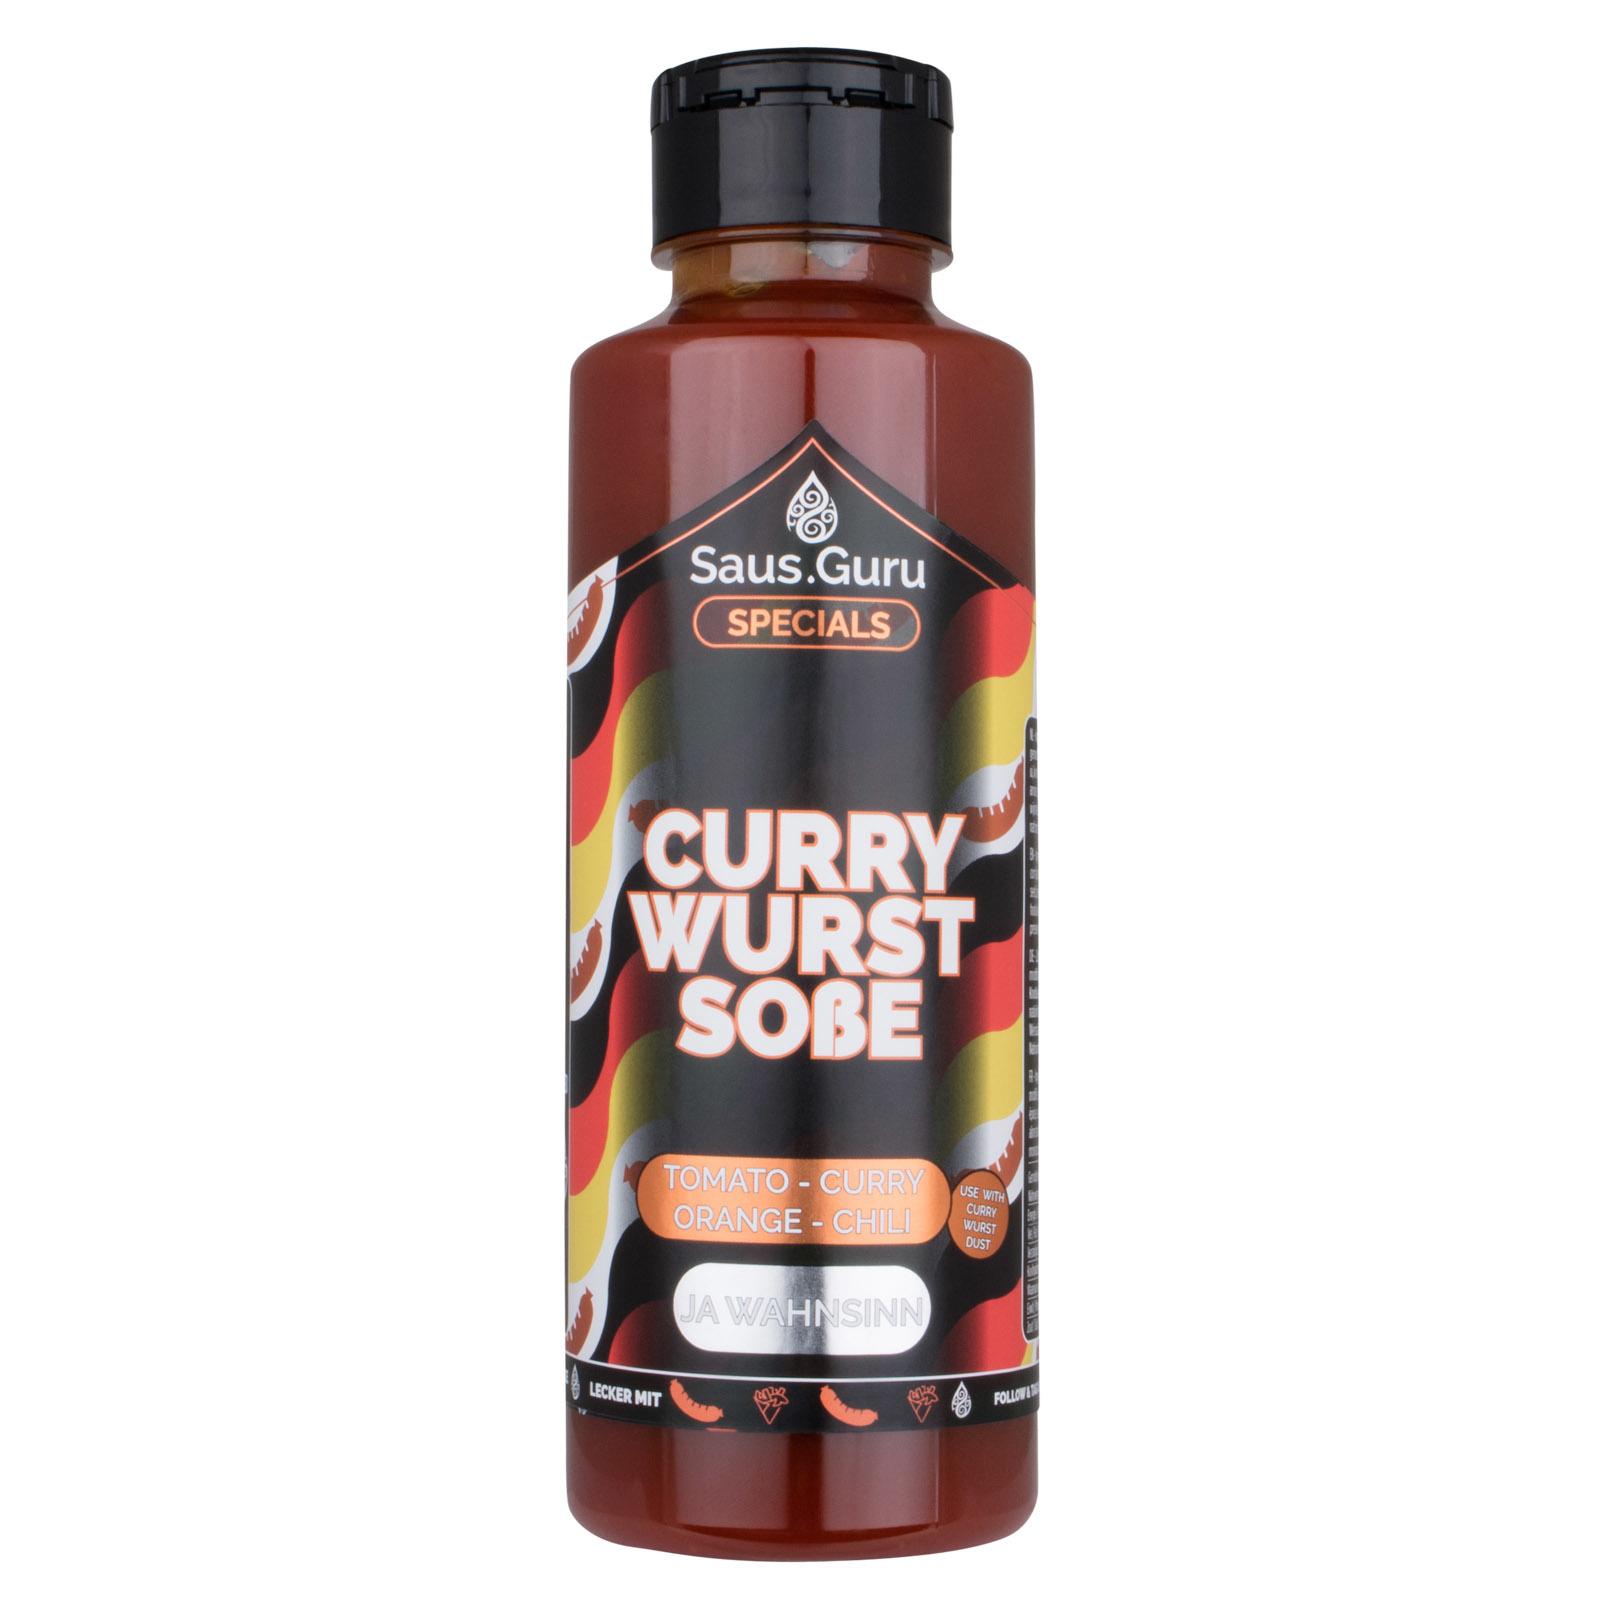 Saus.Guru's Currywurst Soße-1